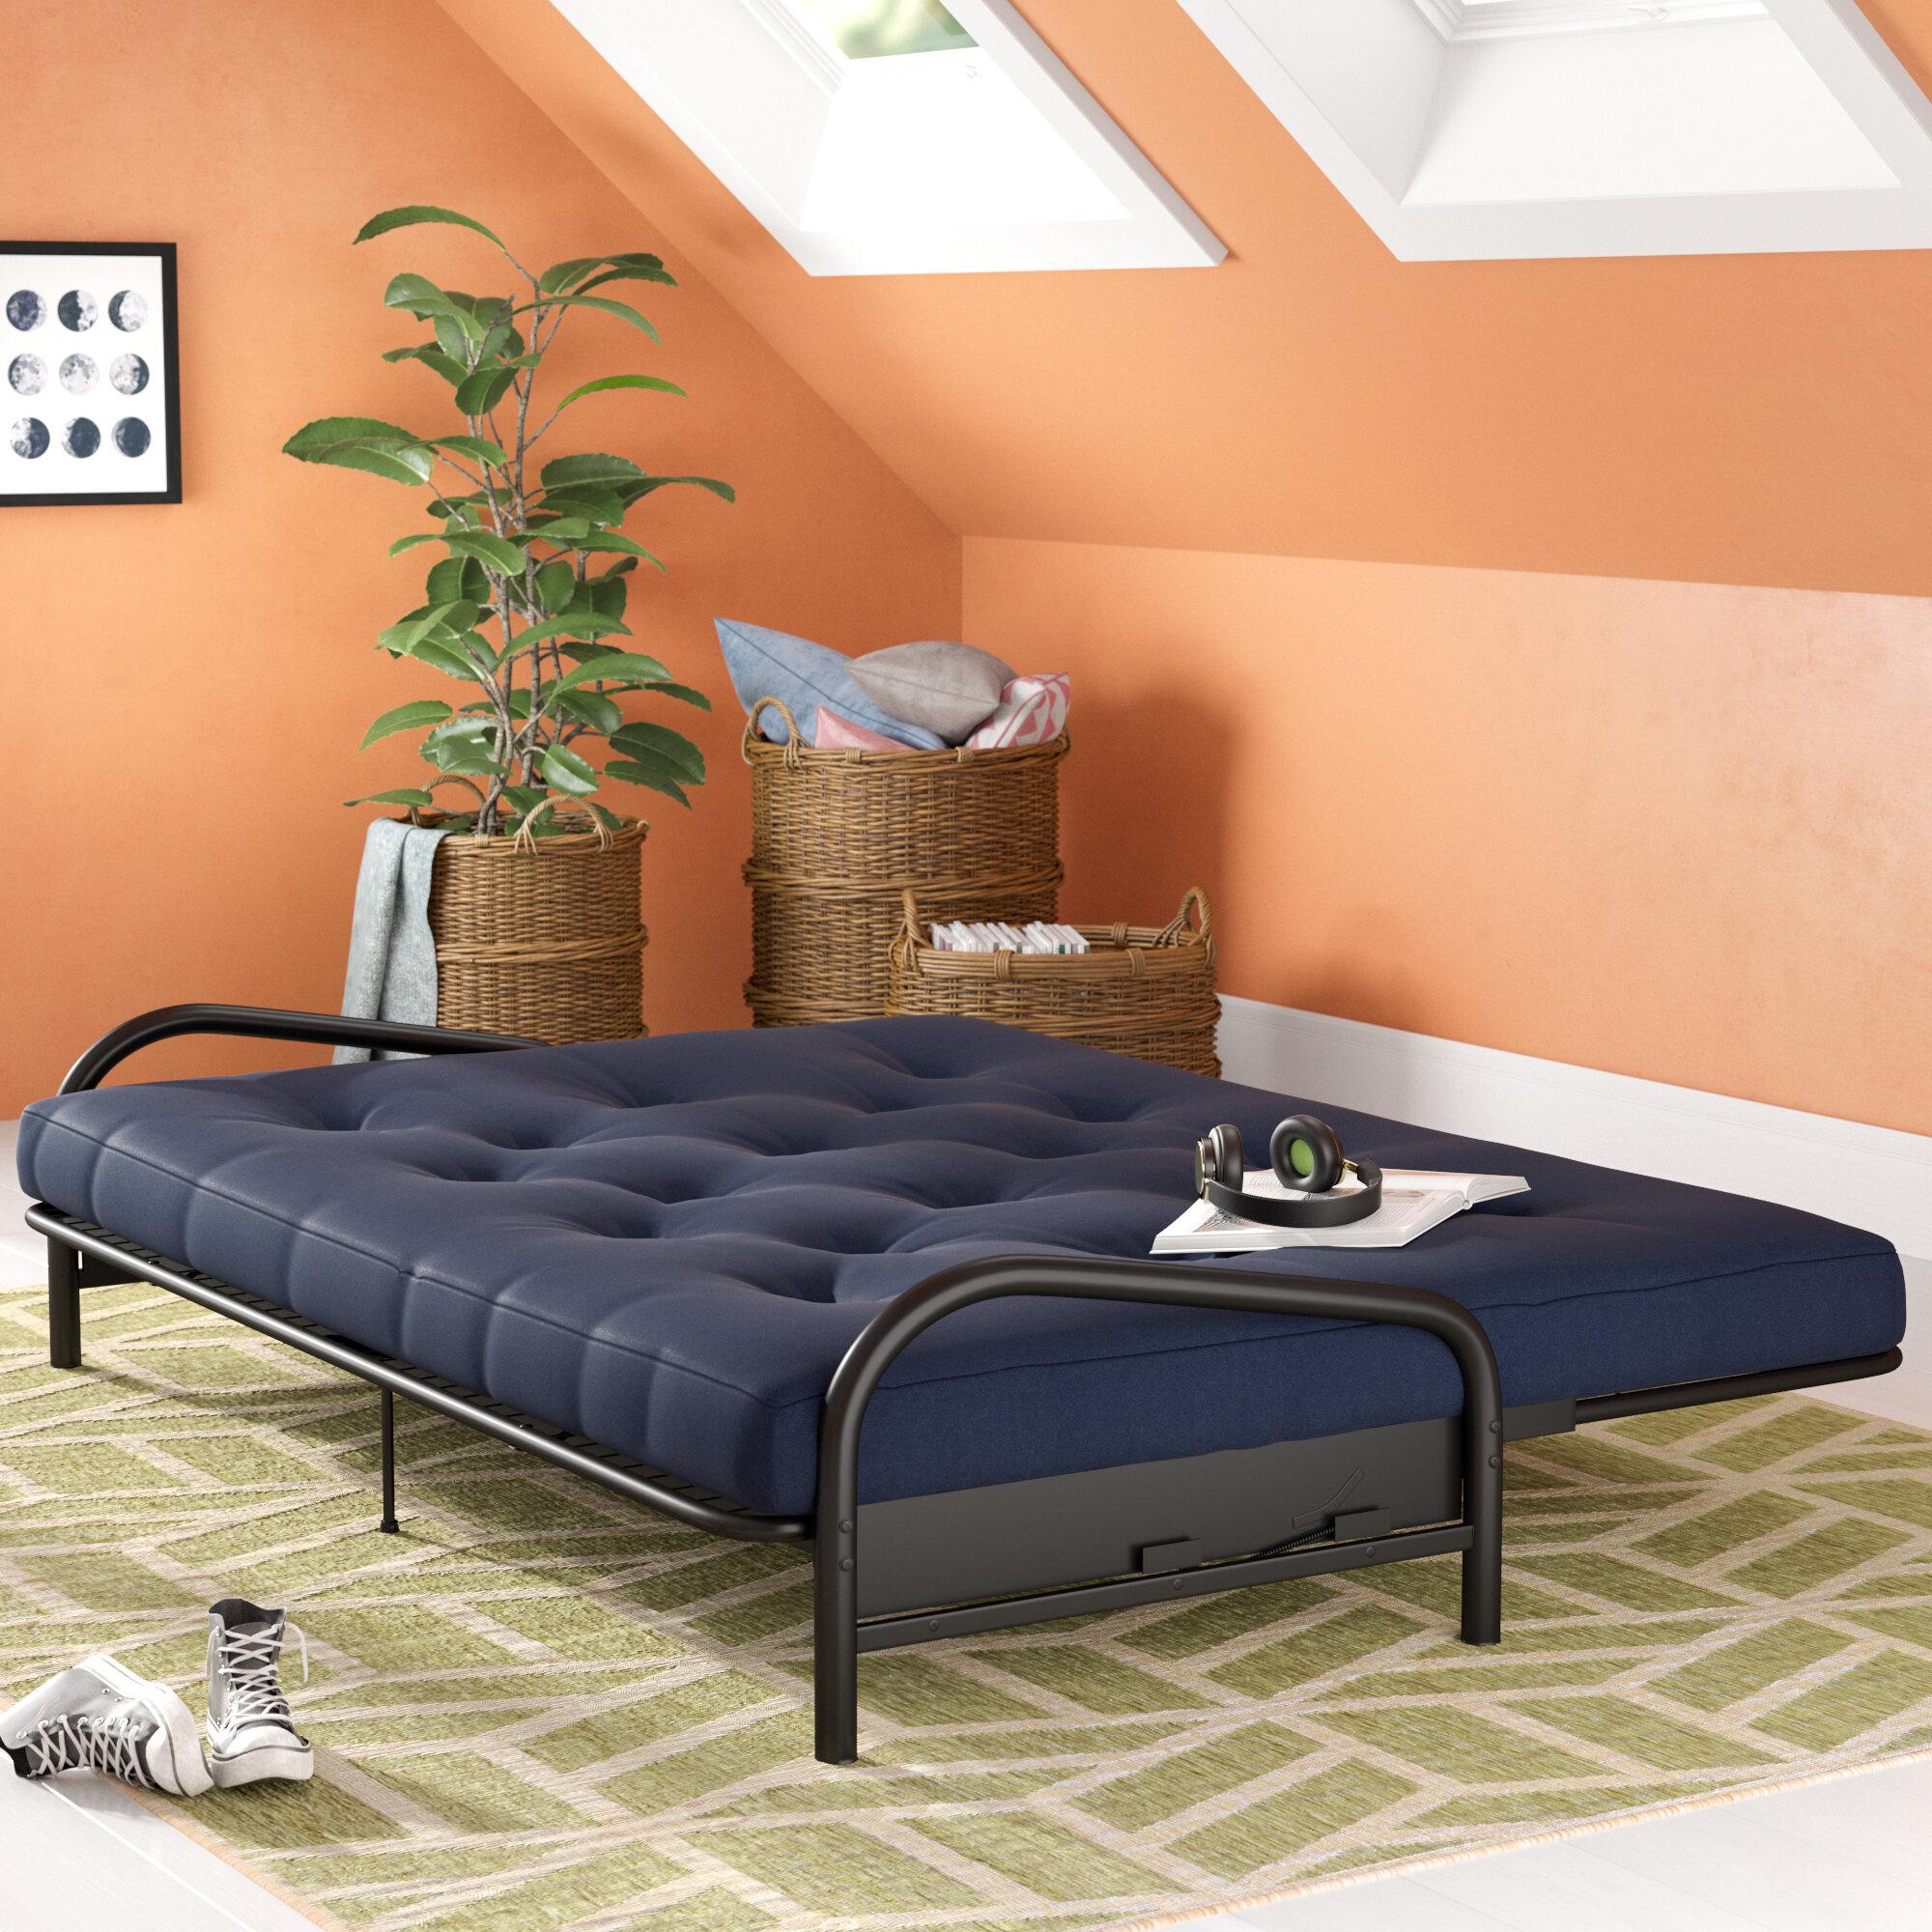 Alwyn Home Cotton Futon Mattress Reviews Wayfair